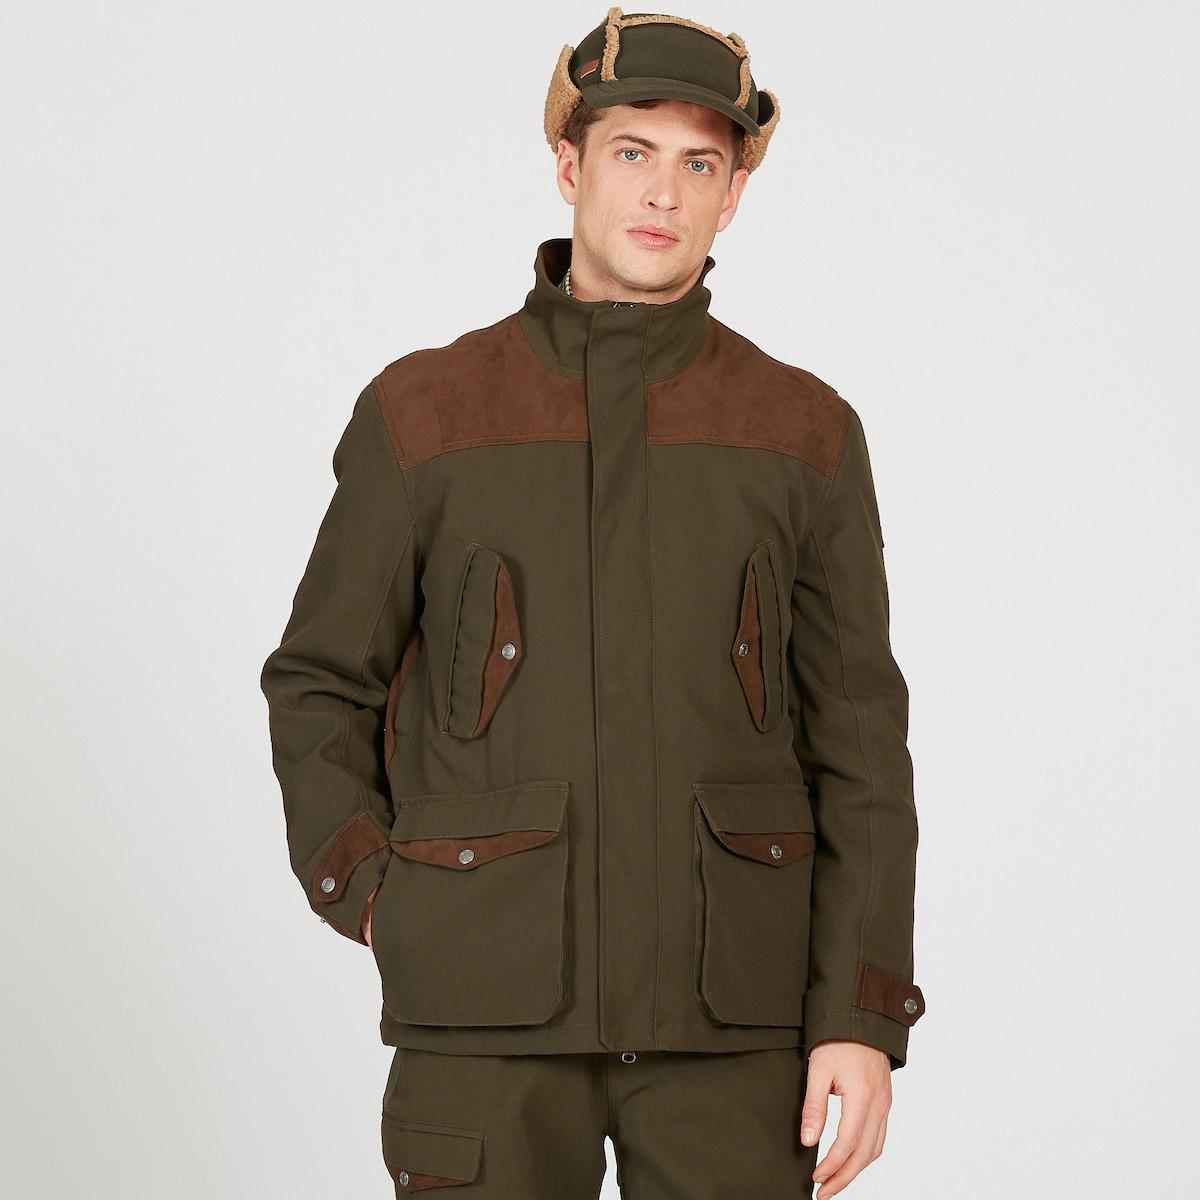 courtal jacket veste de chasse imperm able homme bronze aiglehomme aigle. Black Bedroom Furniture Sets. Home Design Ideas